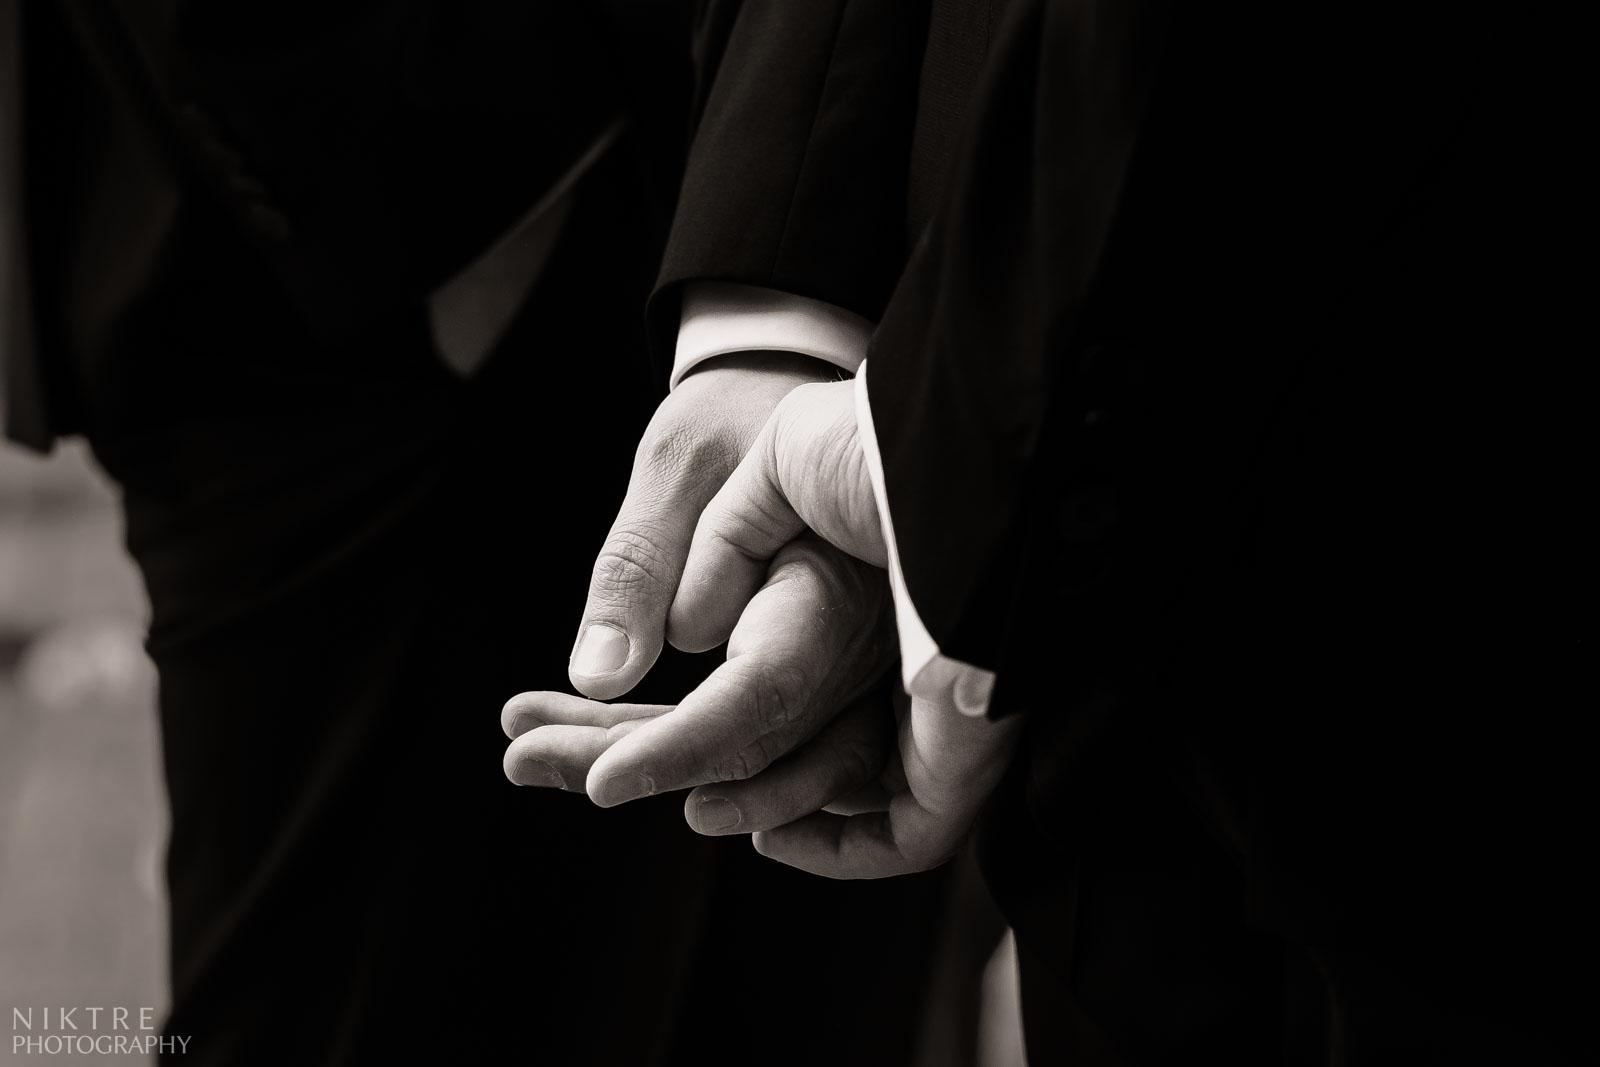 Hände von Bräutigam zeigen seine Aufregung